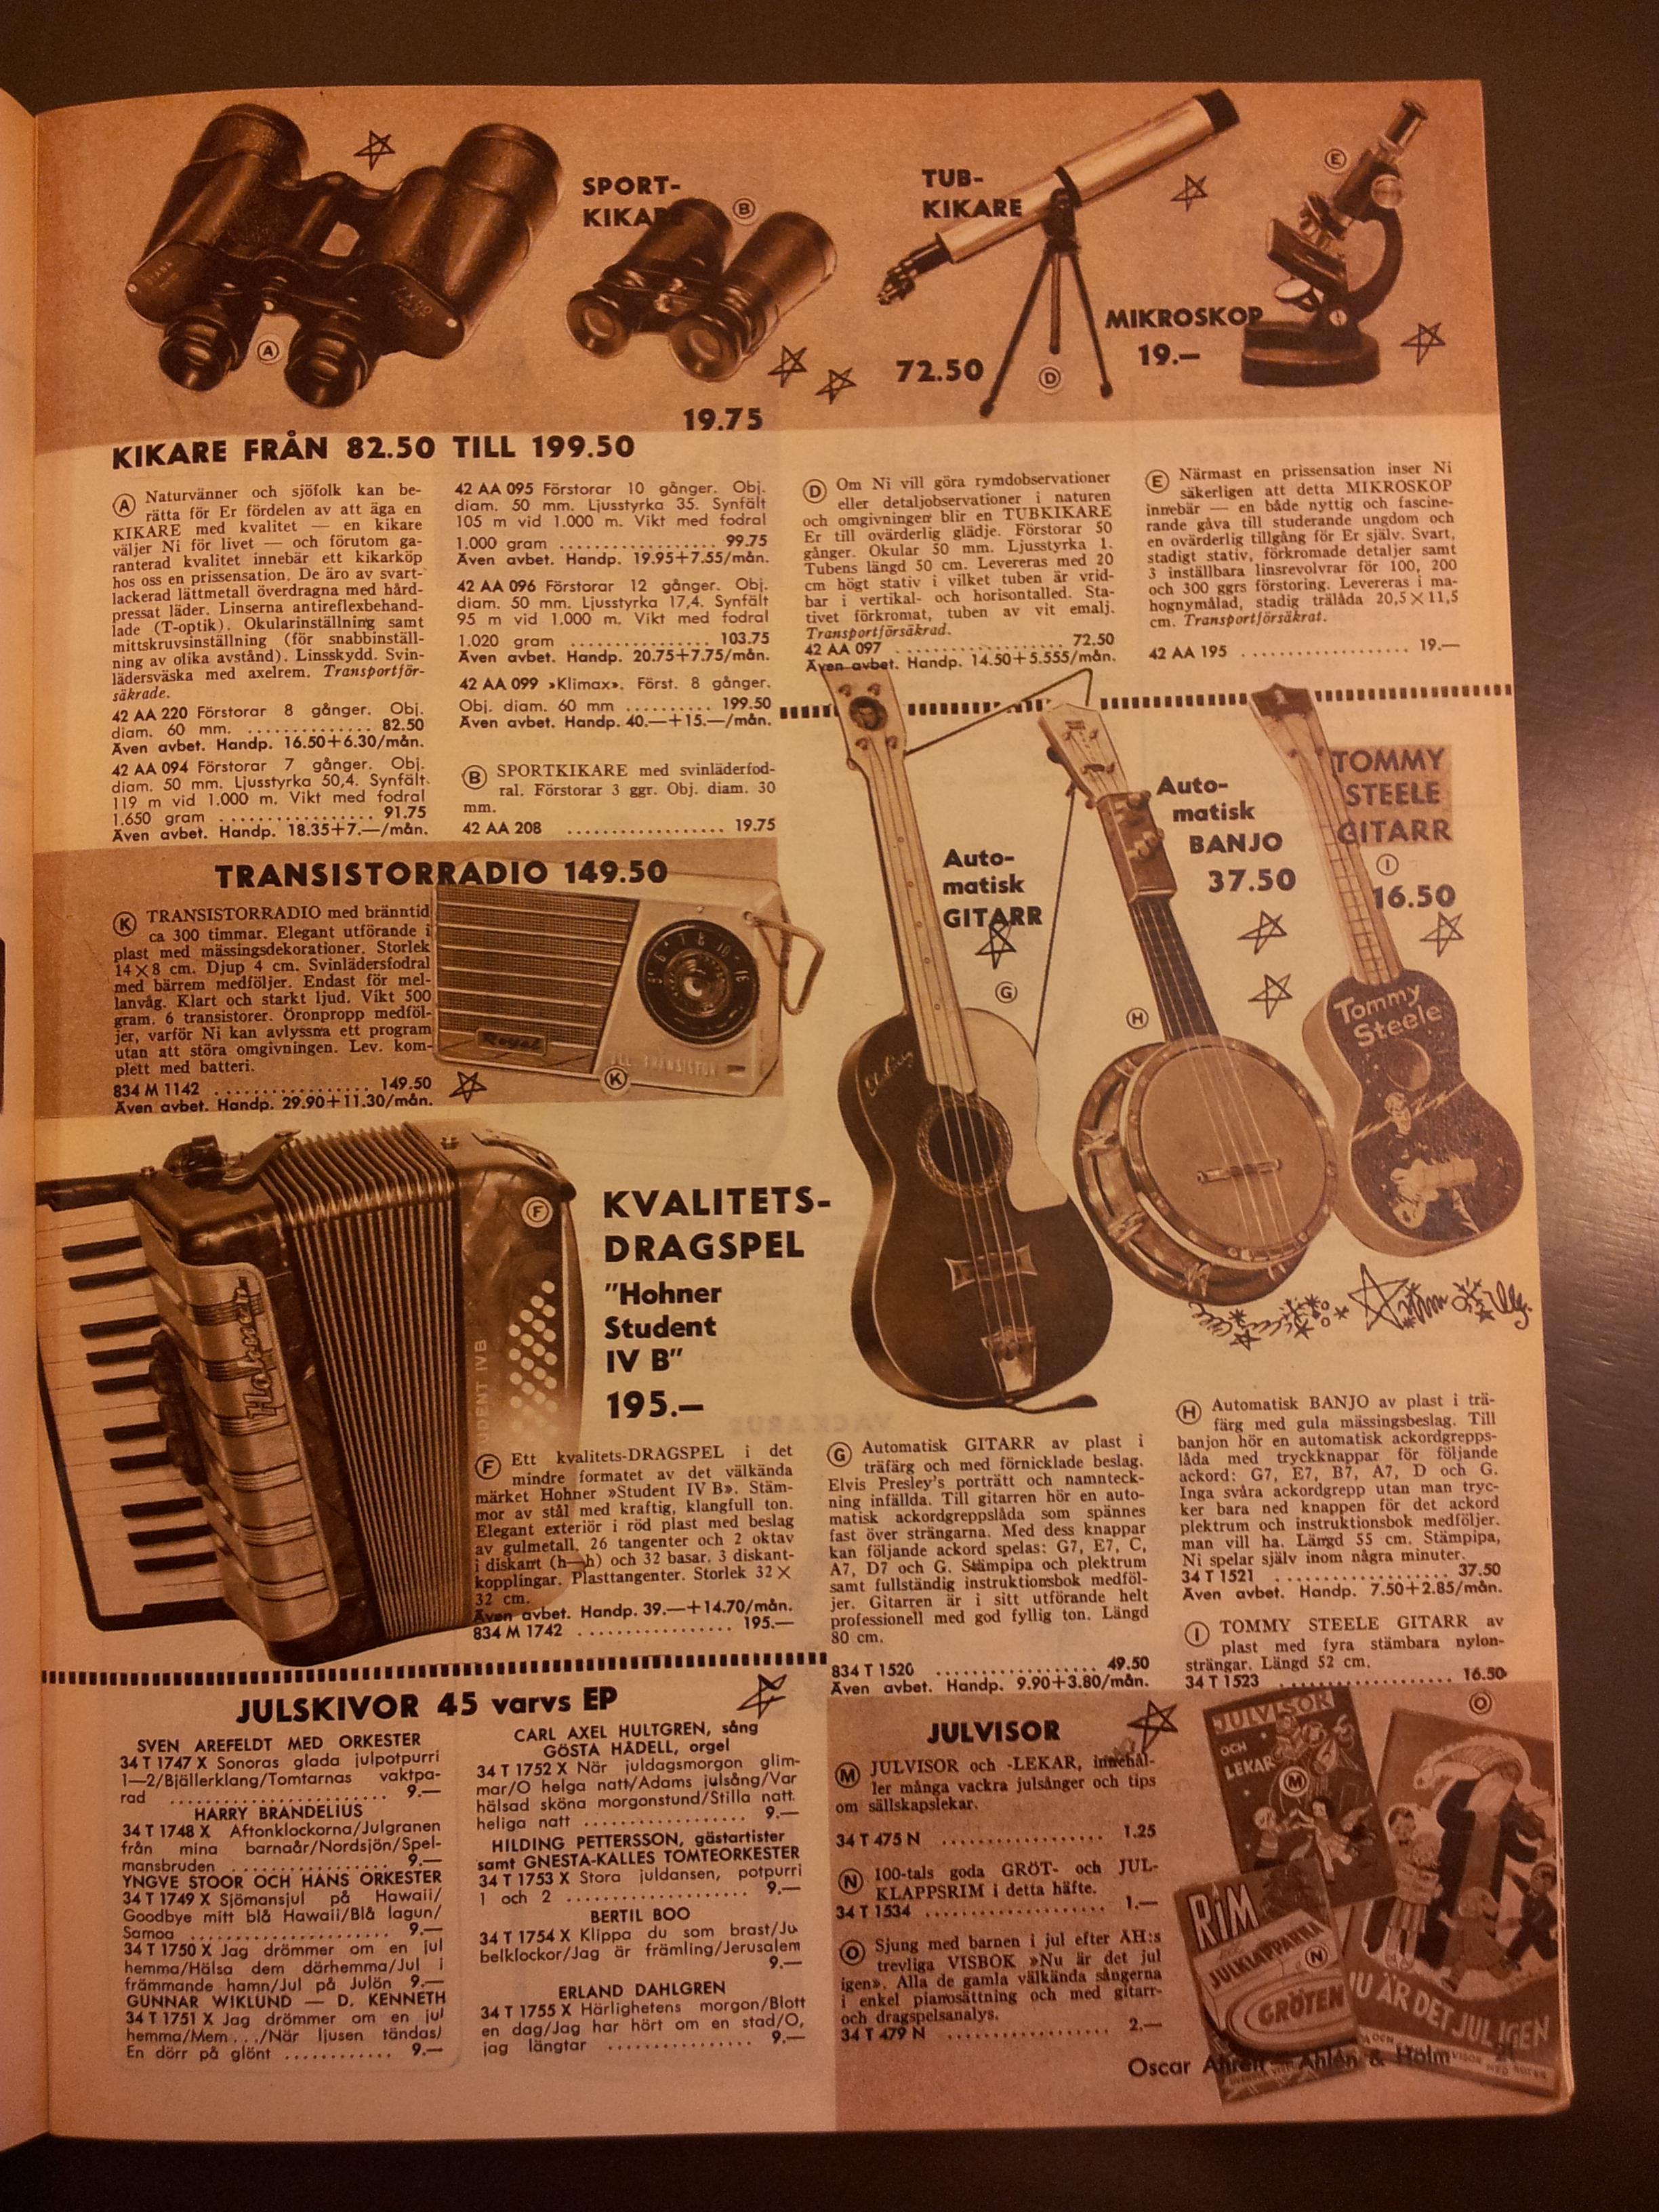 Åhlén & Holms julkatalog 1959. Här dyker de falskskyltade ukulelerna upp för första gången. I allehanda lustiga förklädnader, dessutom.